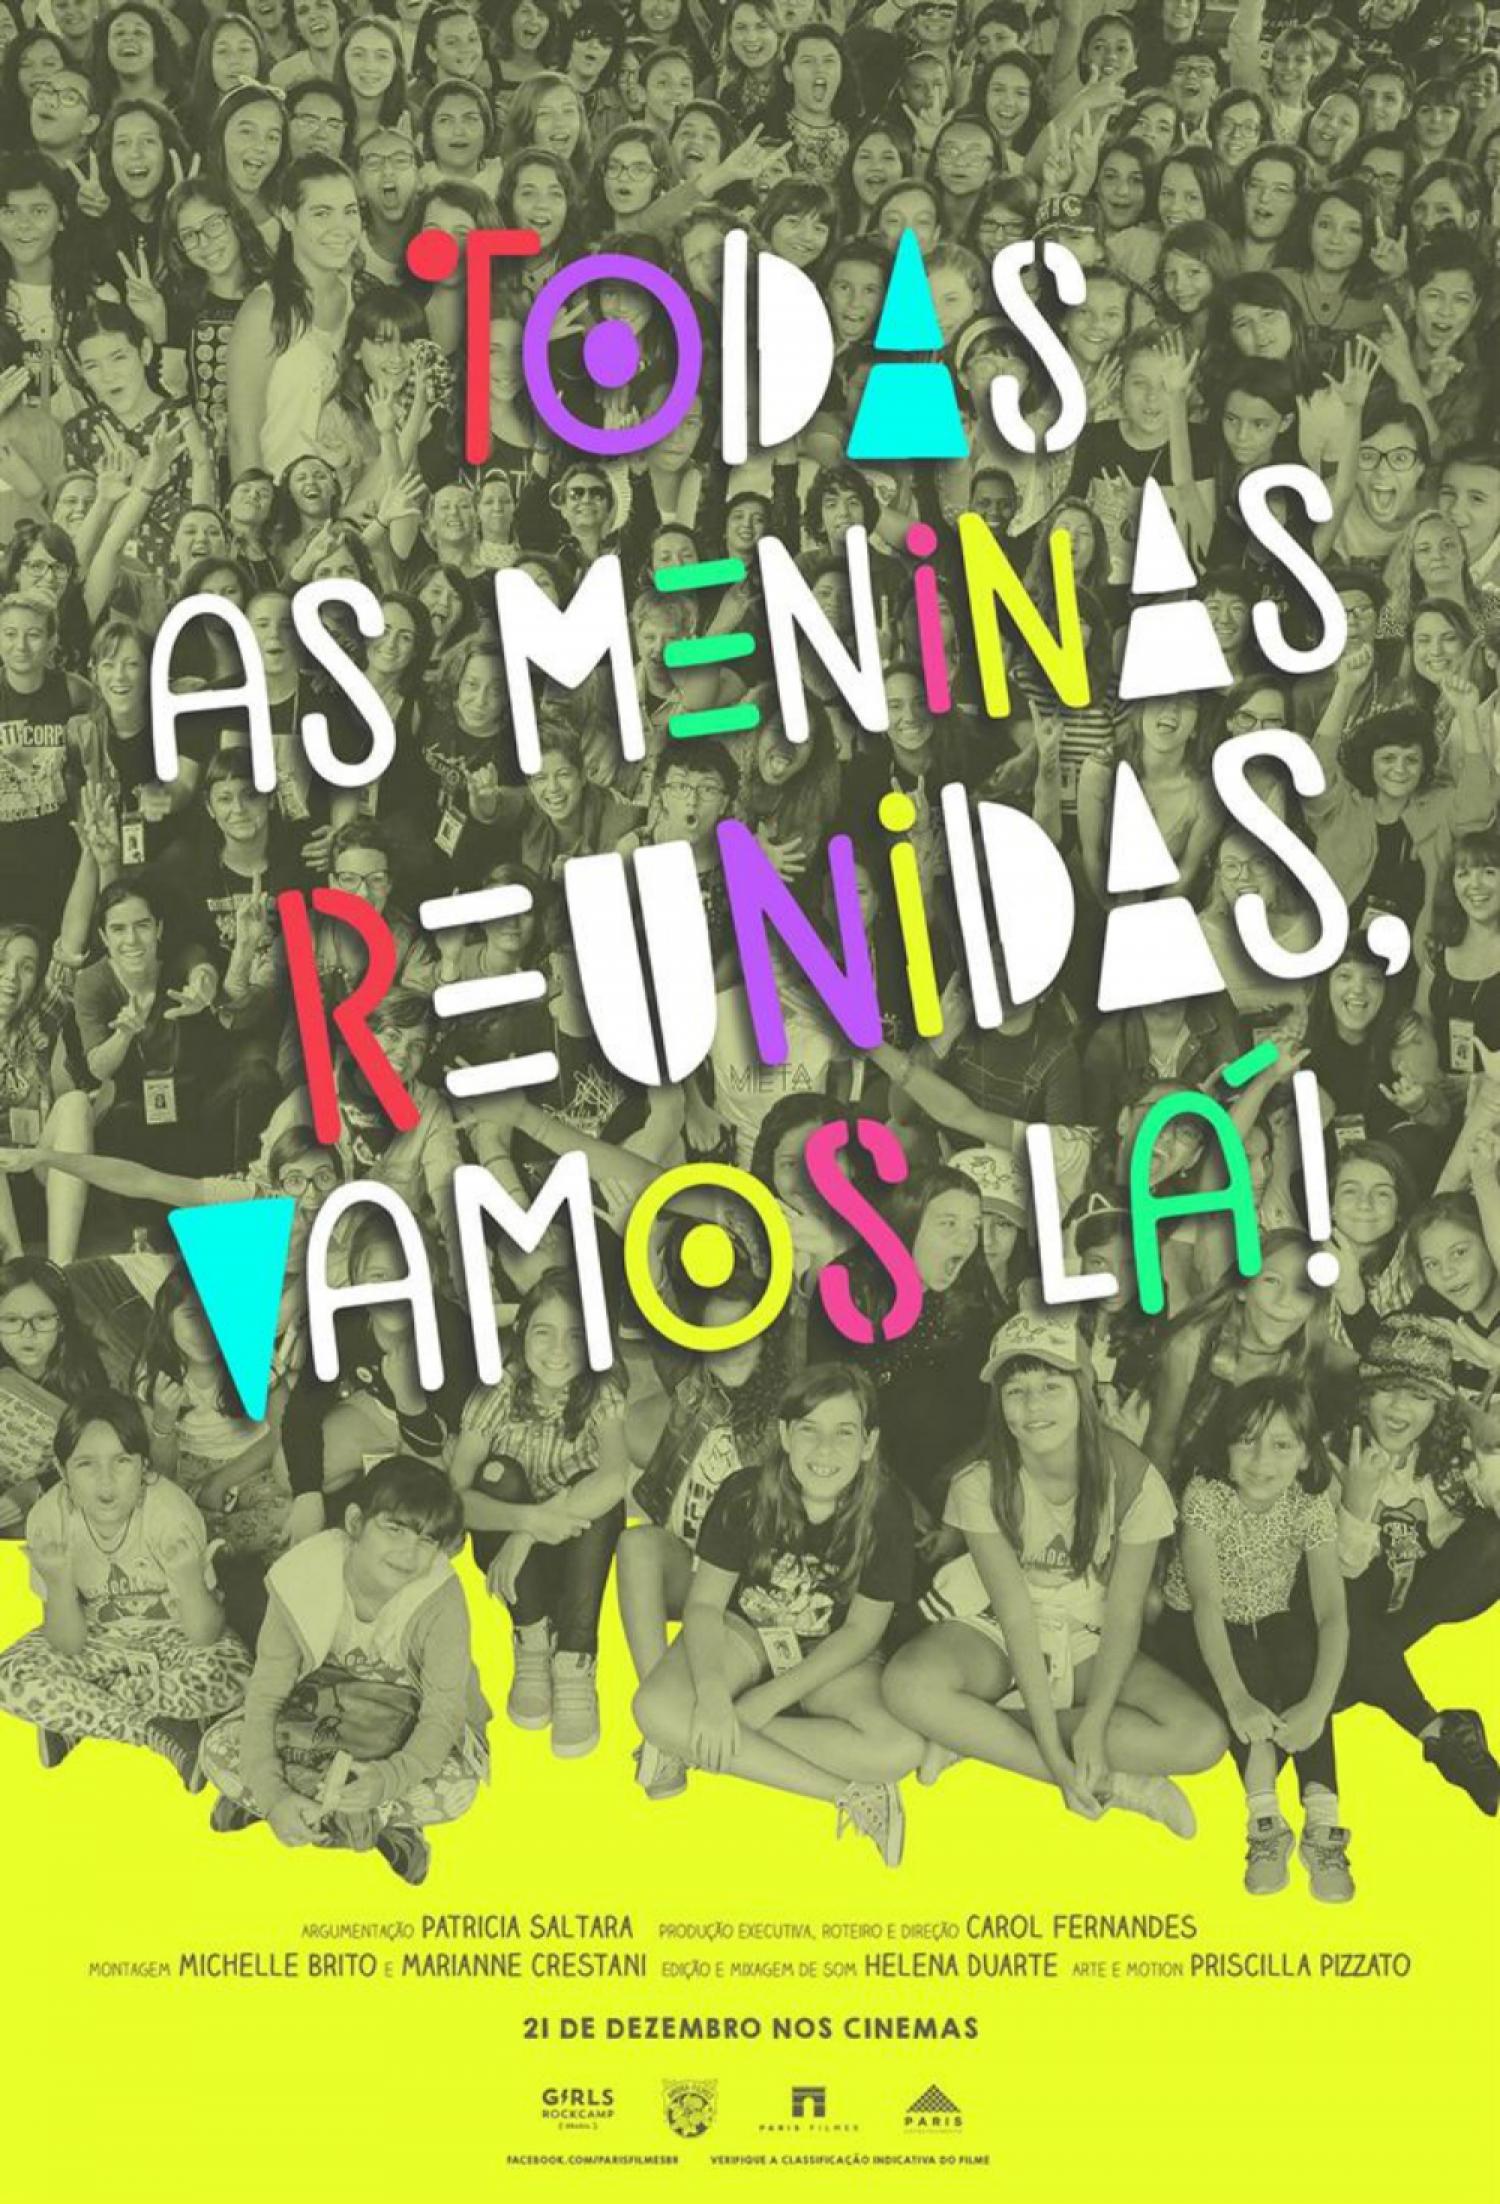 Poster de Todas as Meninas Reunidas, Vamos Lá